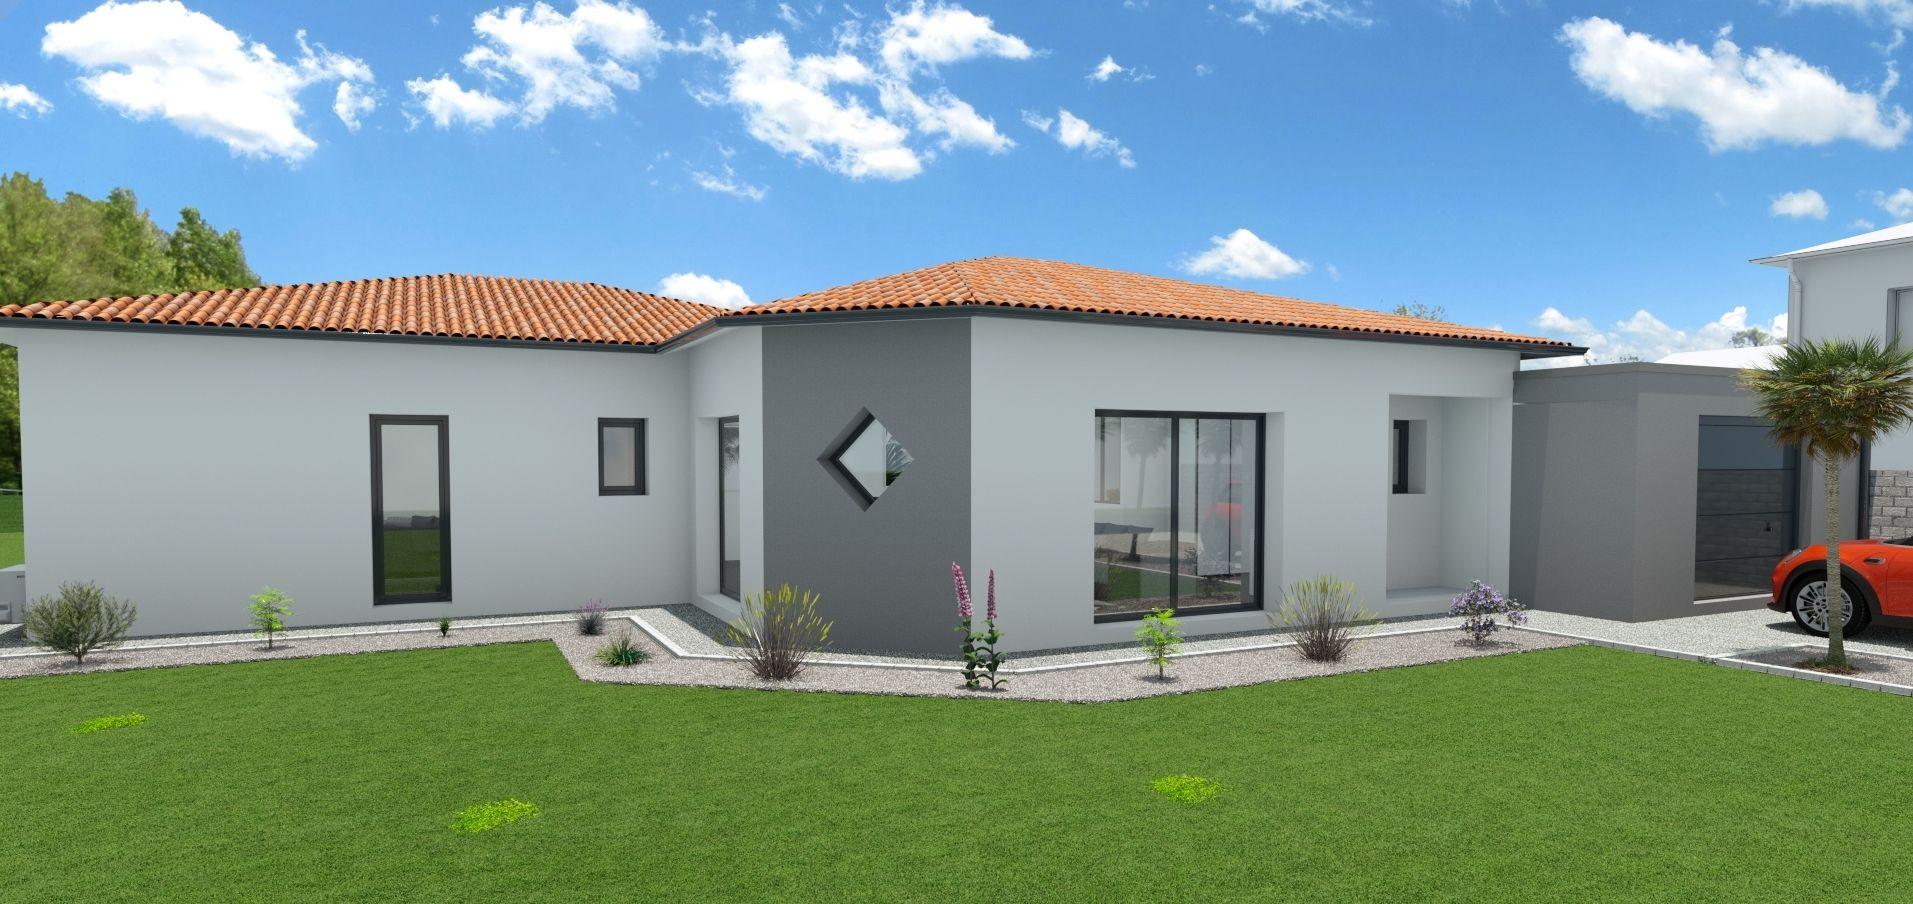 Photo de la maison n°4 de 127 m² à TROIS-PALIS